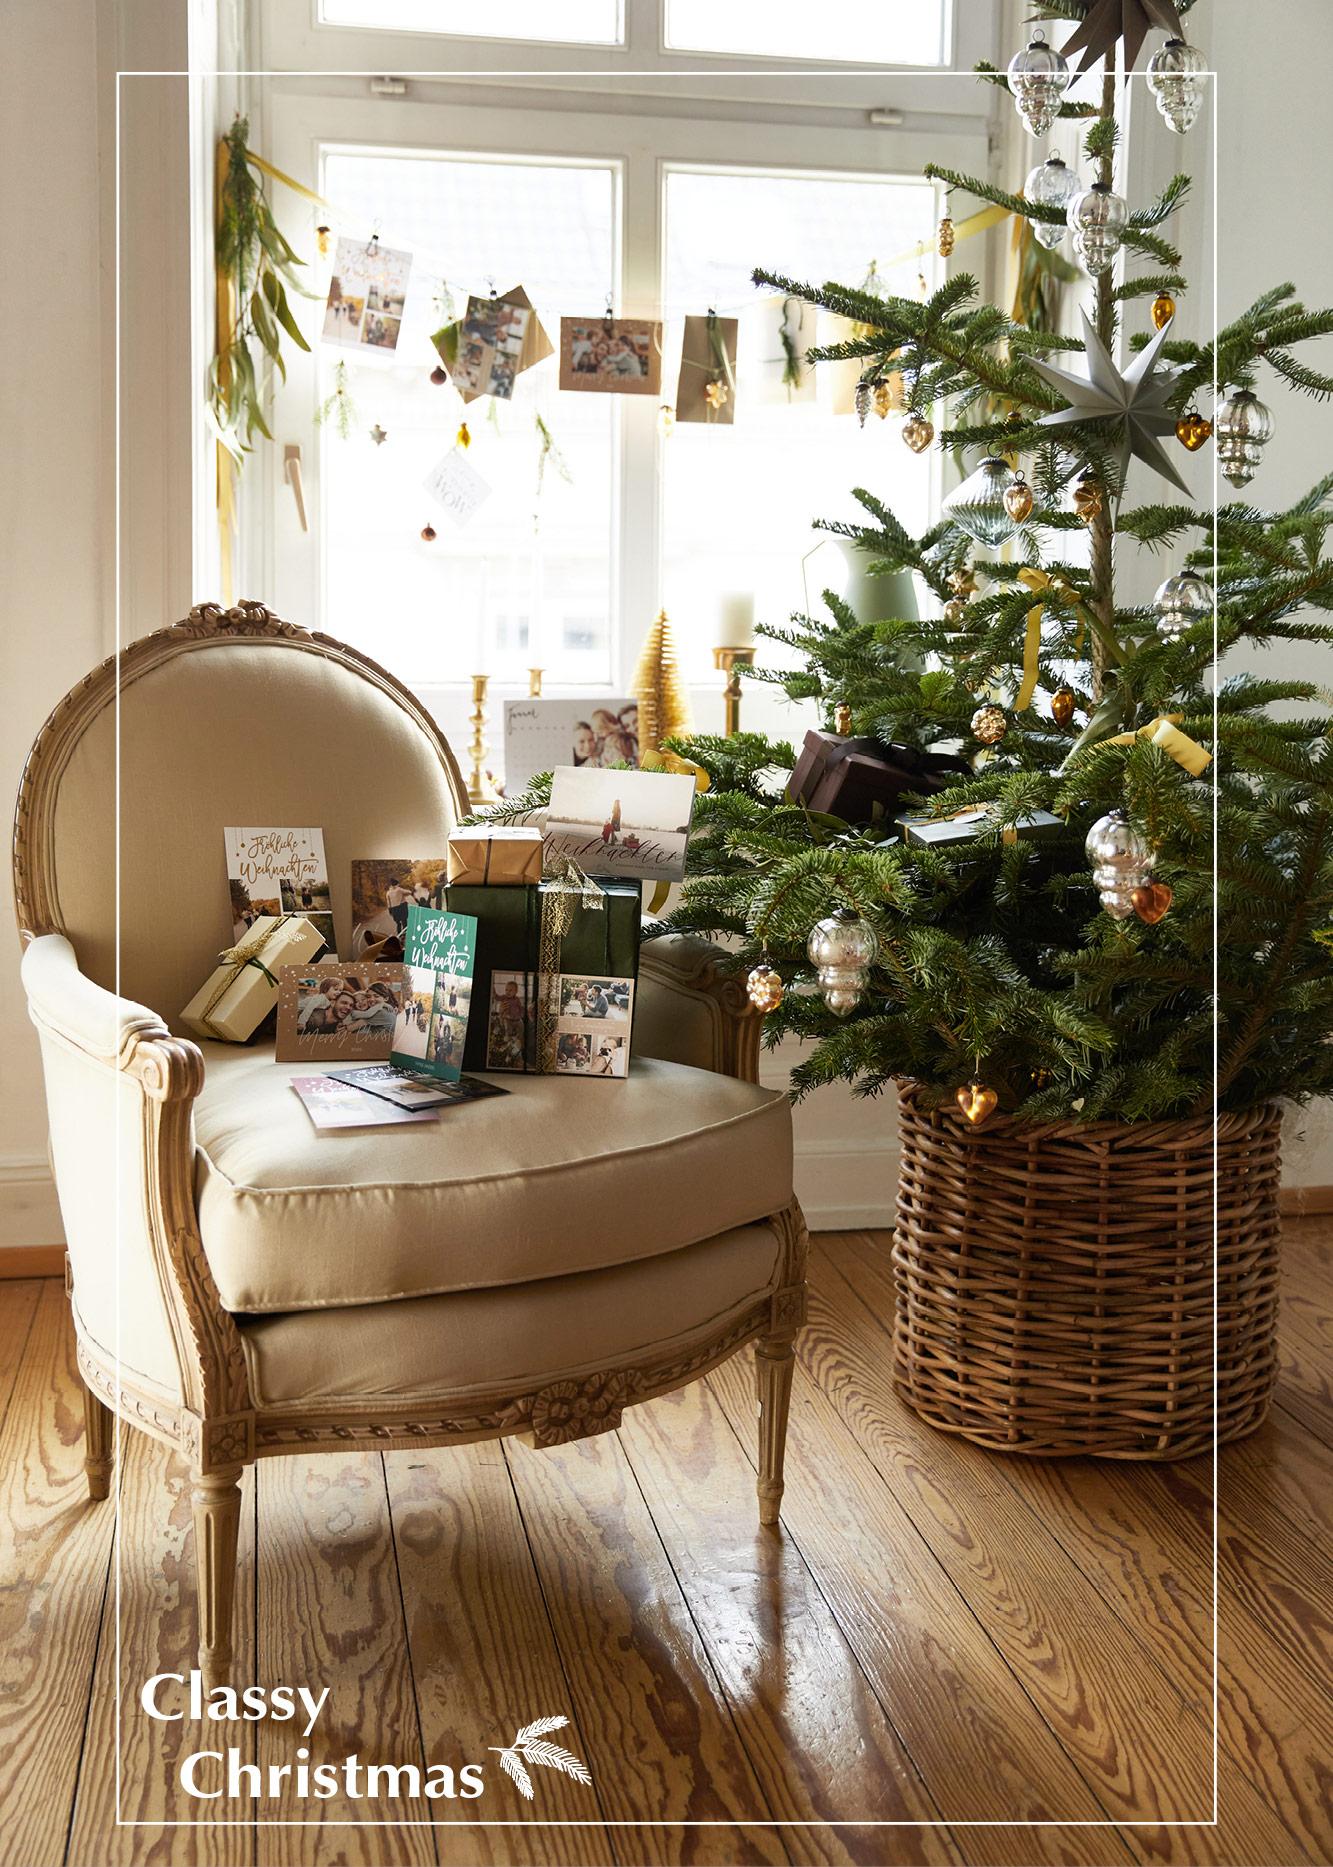 Classy Christmas - Gemütliche Weihnachten